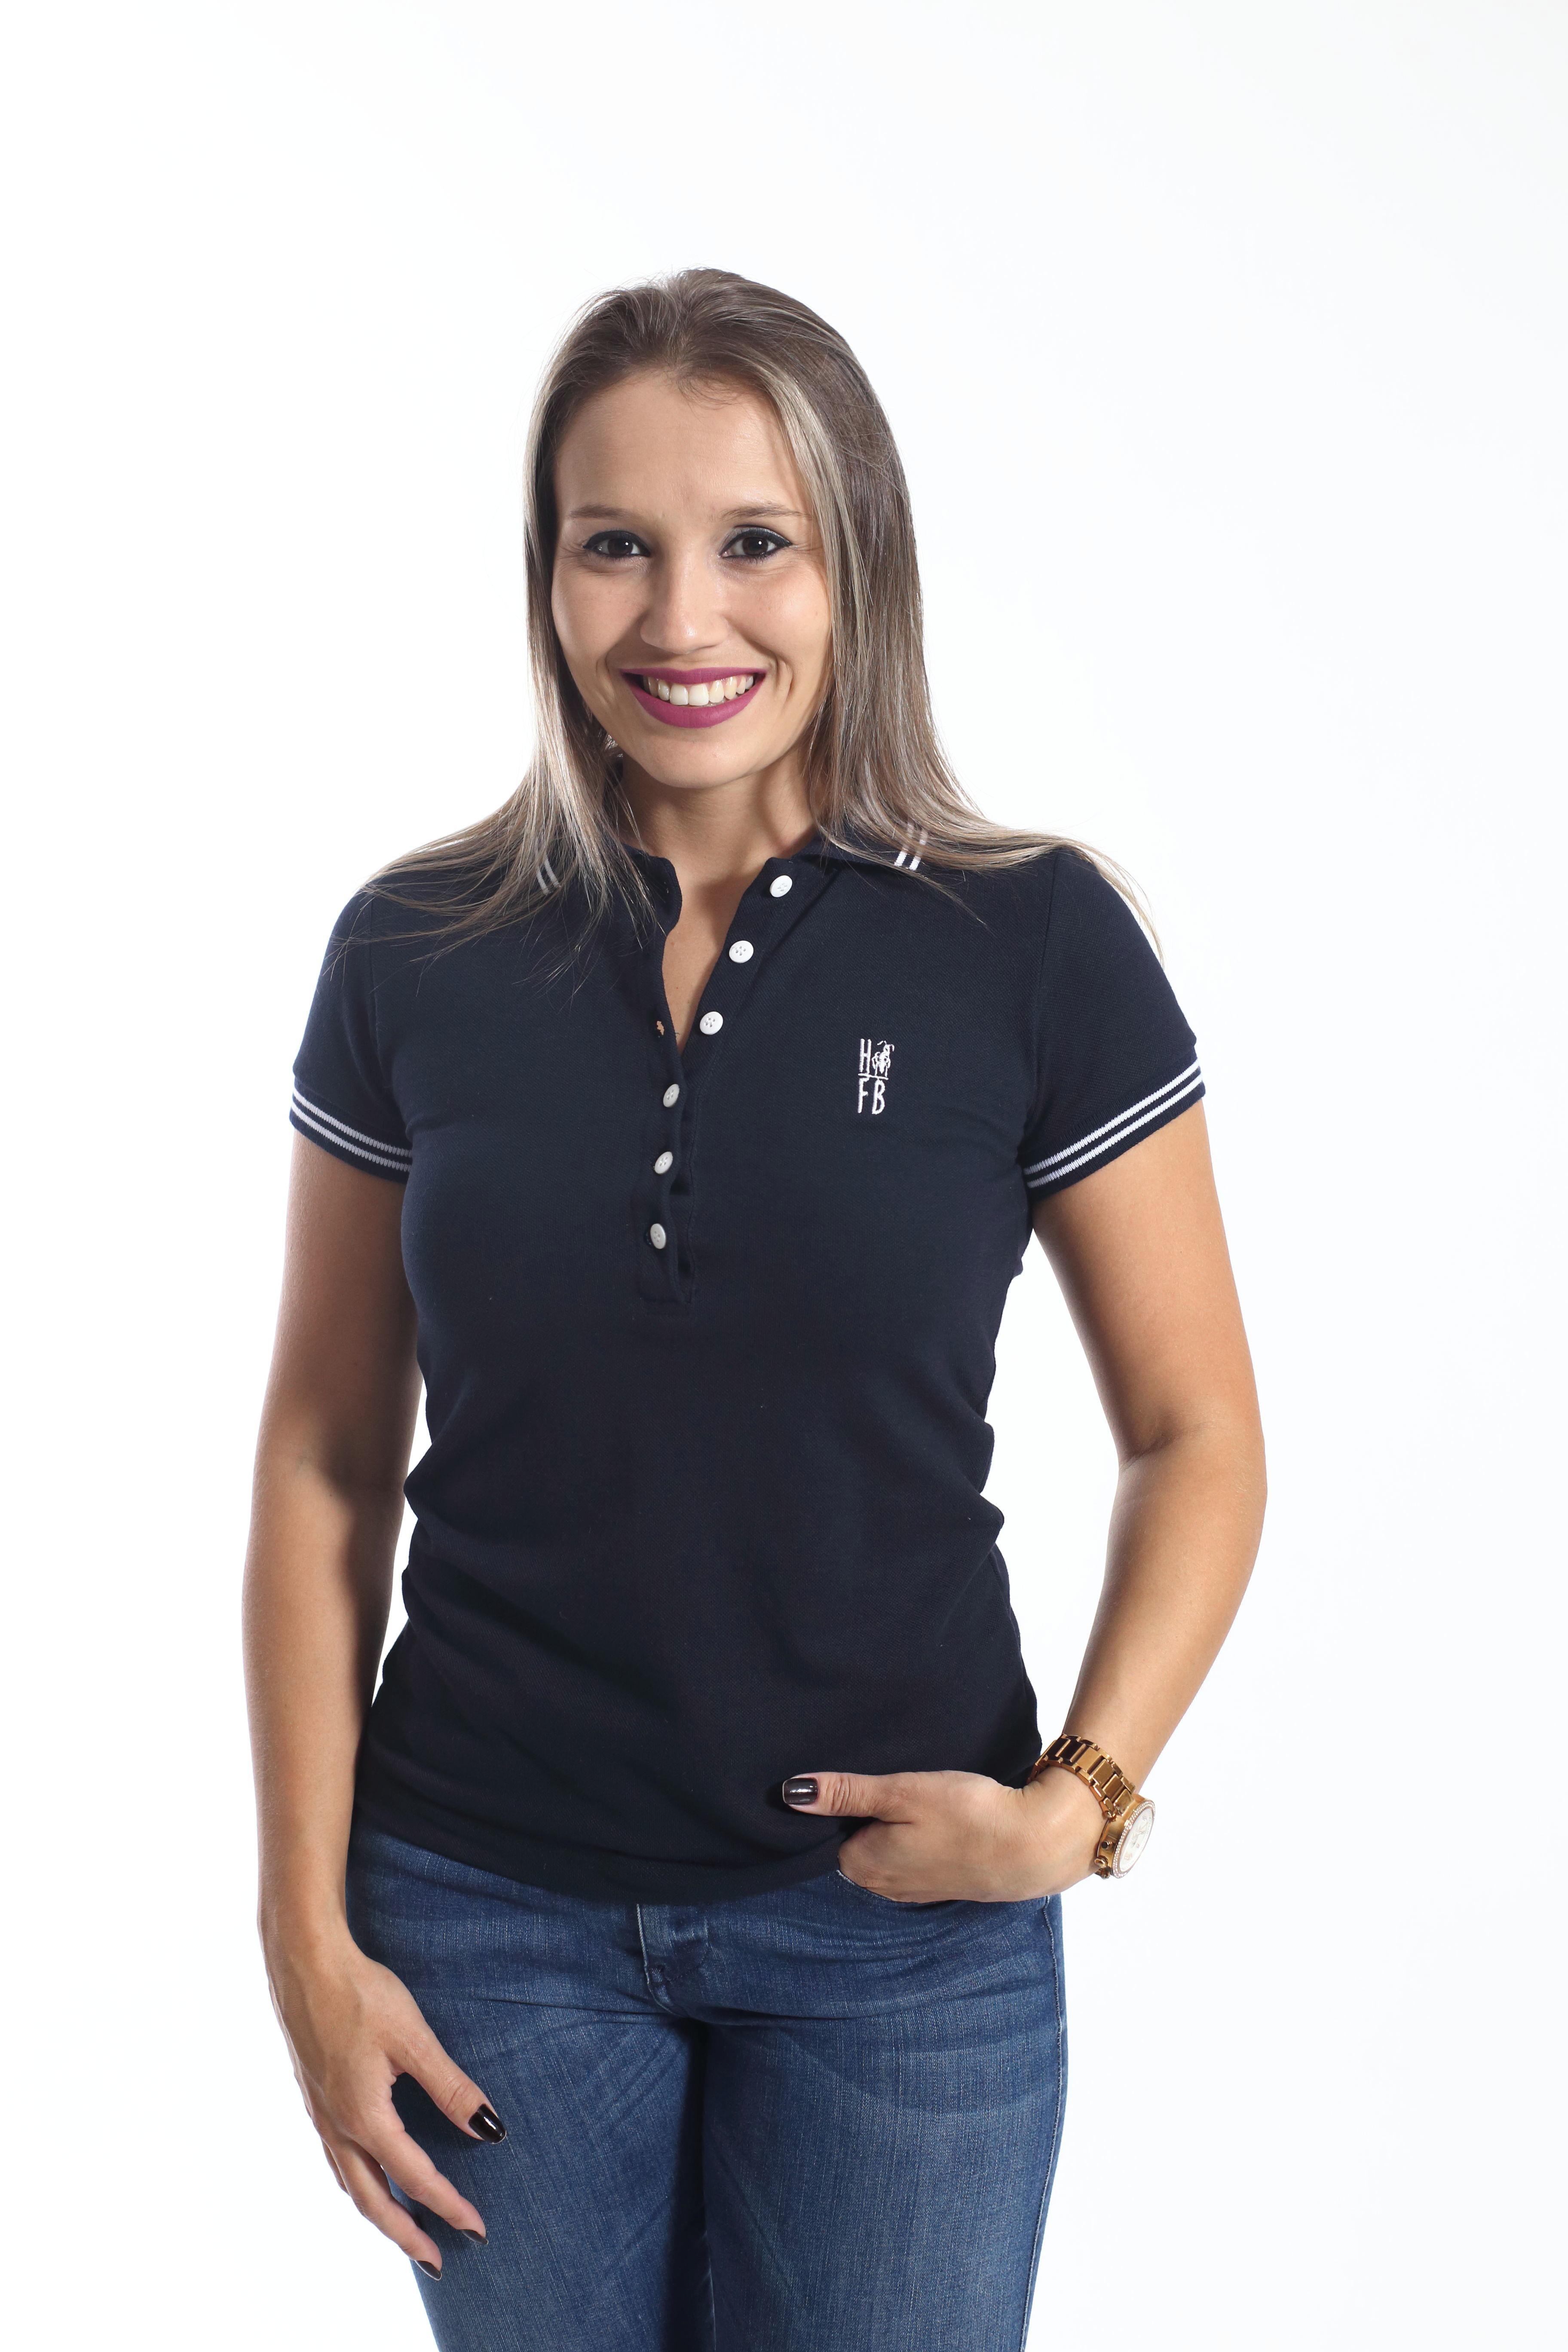 cb3702075f1ad Camisa Polo Feminina Dudalina